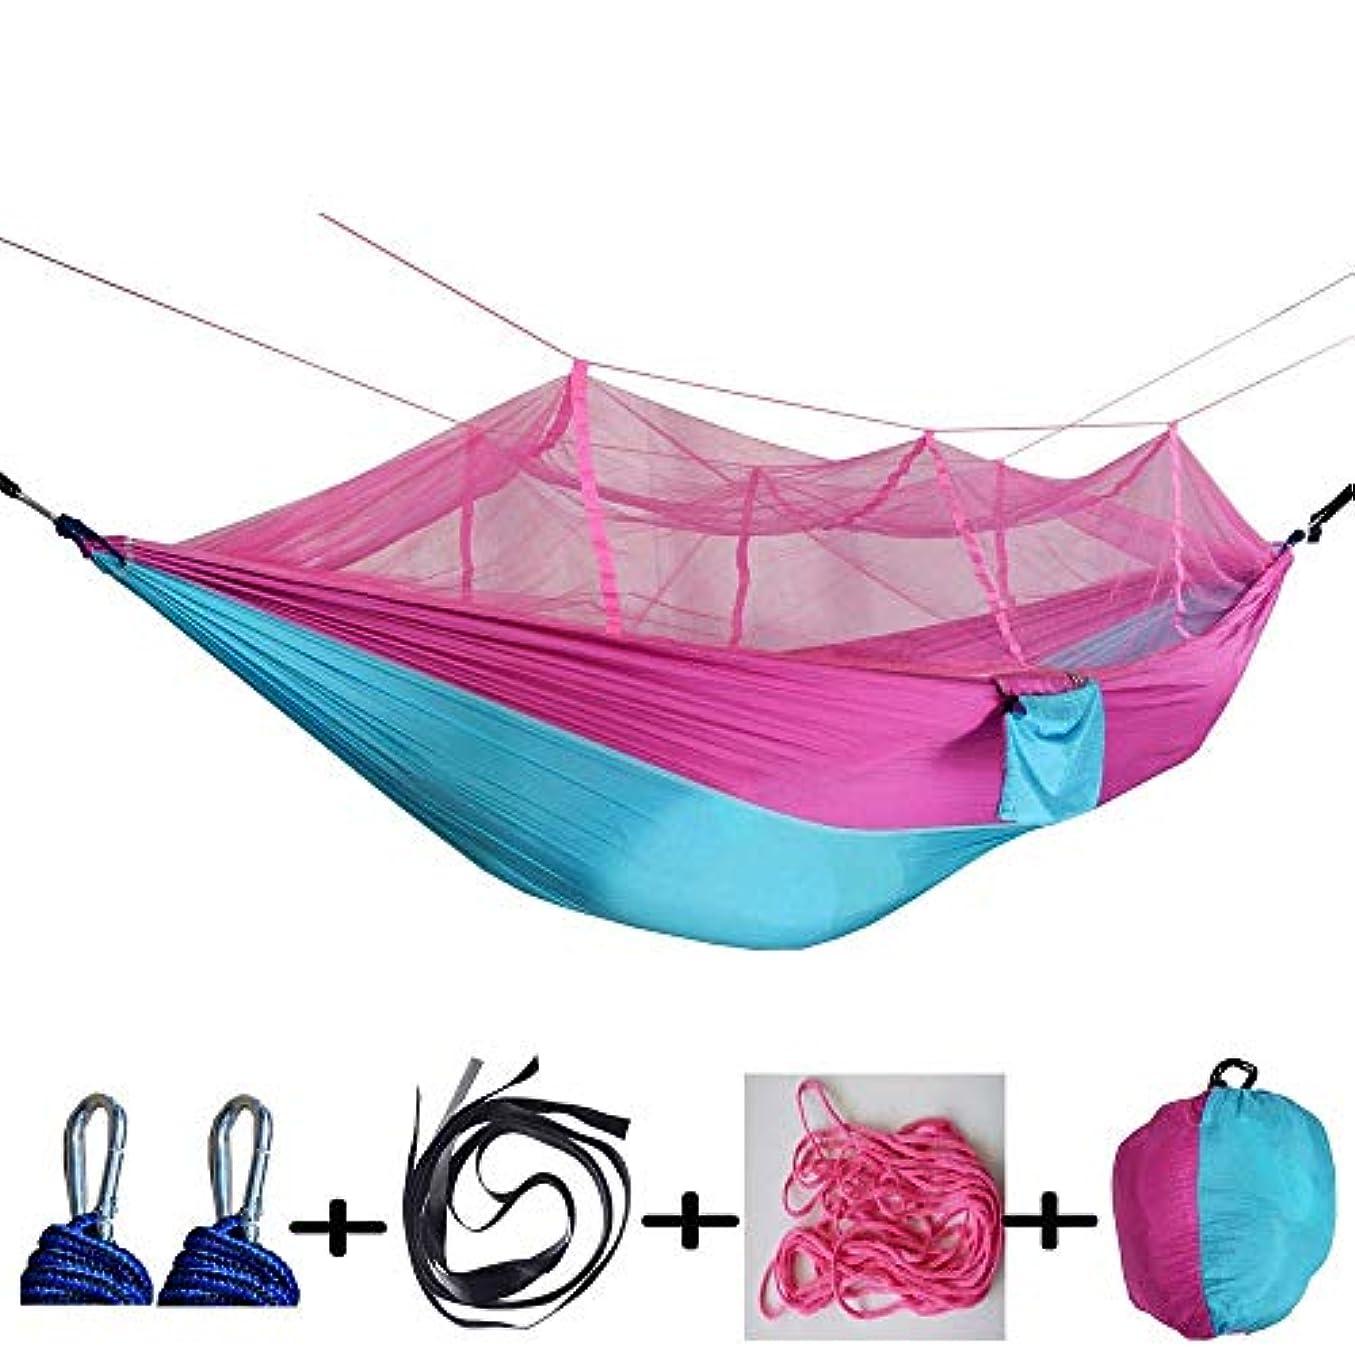 請求可能ストラップ海外で携帯用および通気性の庭のハイキングのキャンプのための屋外のハンモックの反ロールオーバーハンモック (Color : B)